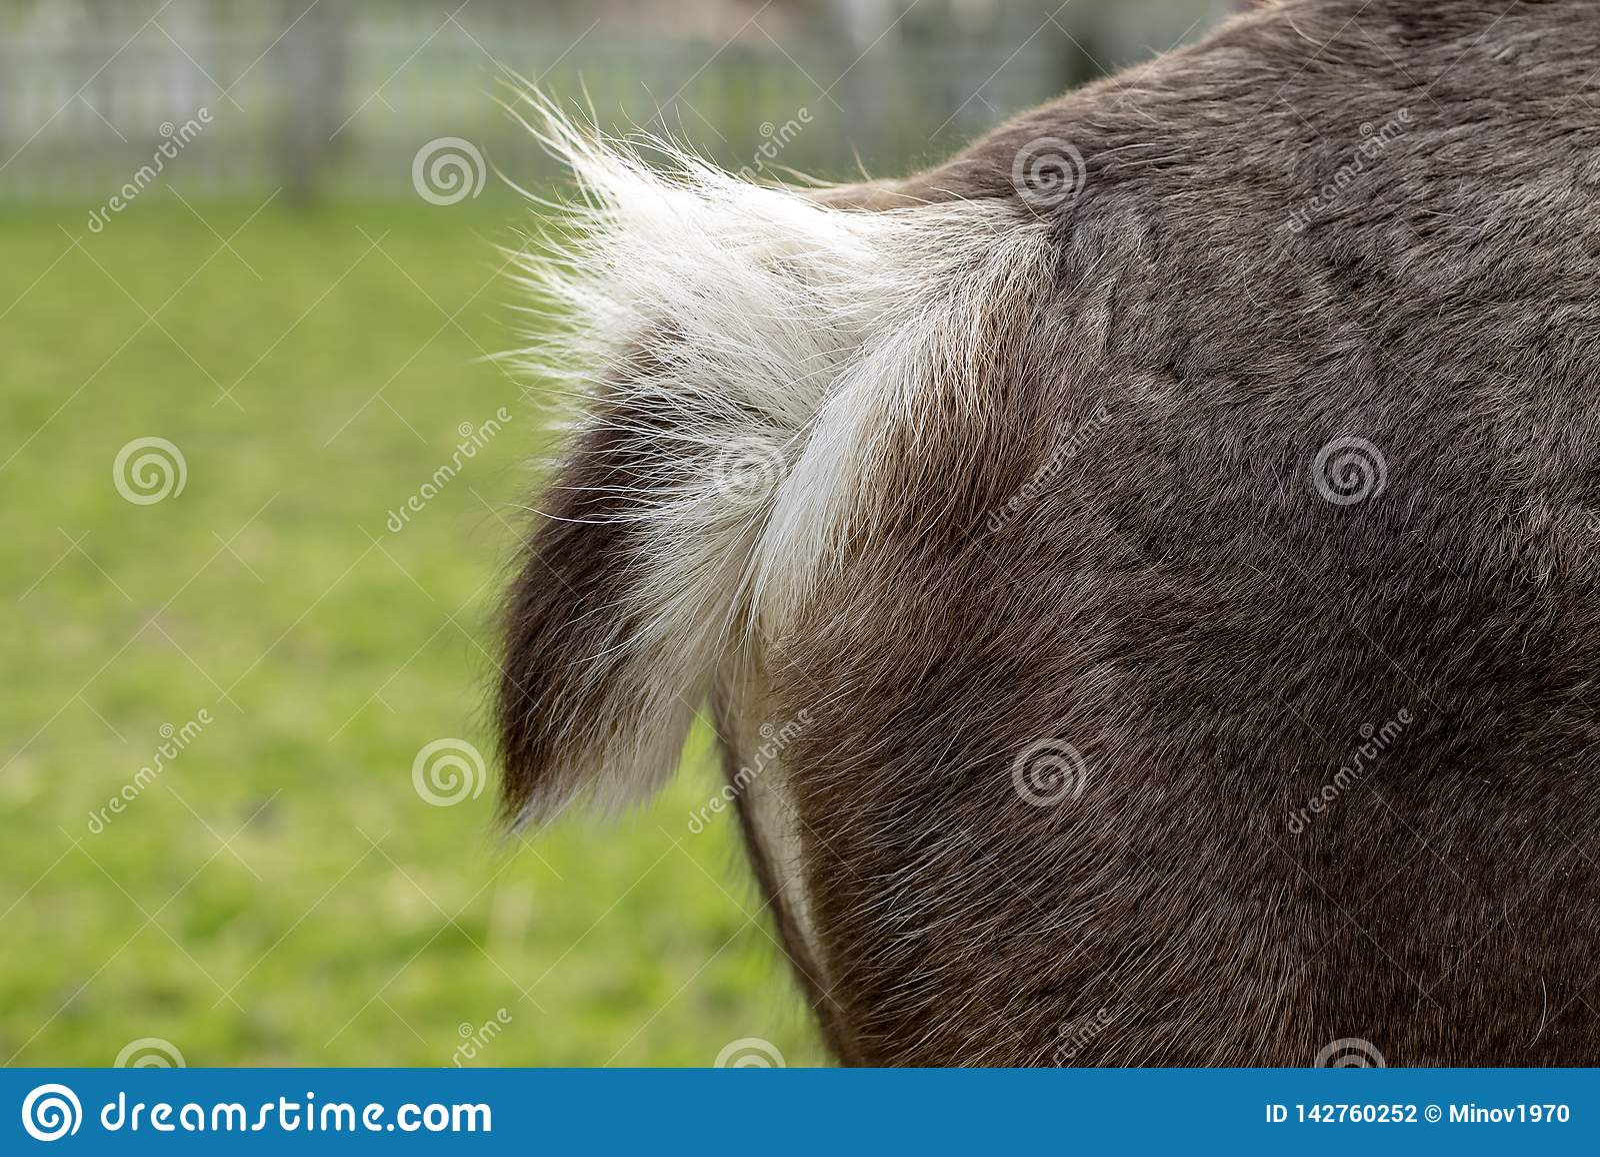 Cauda macia de um cervo, ideia lateral de uma parte traseira